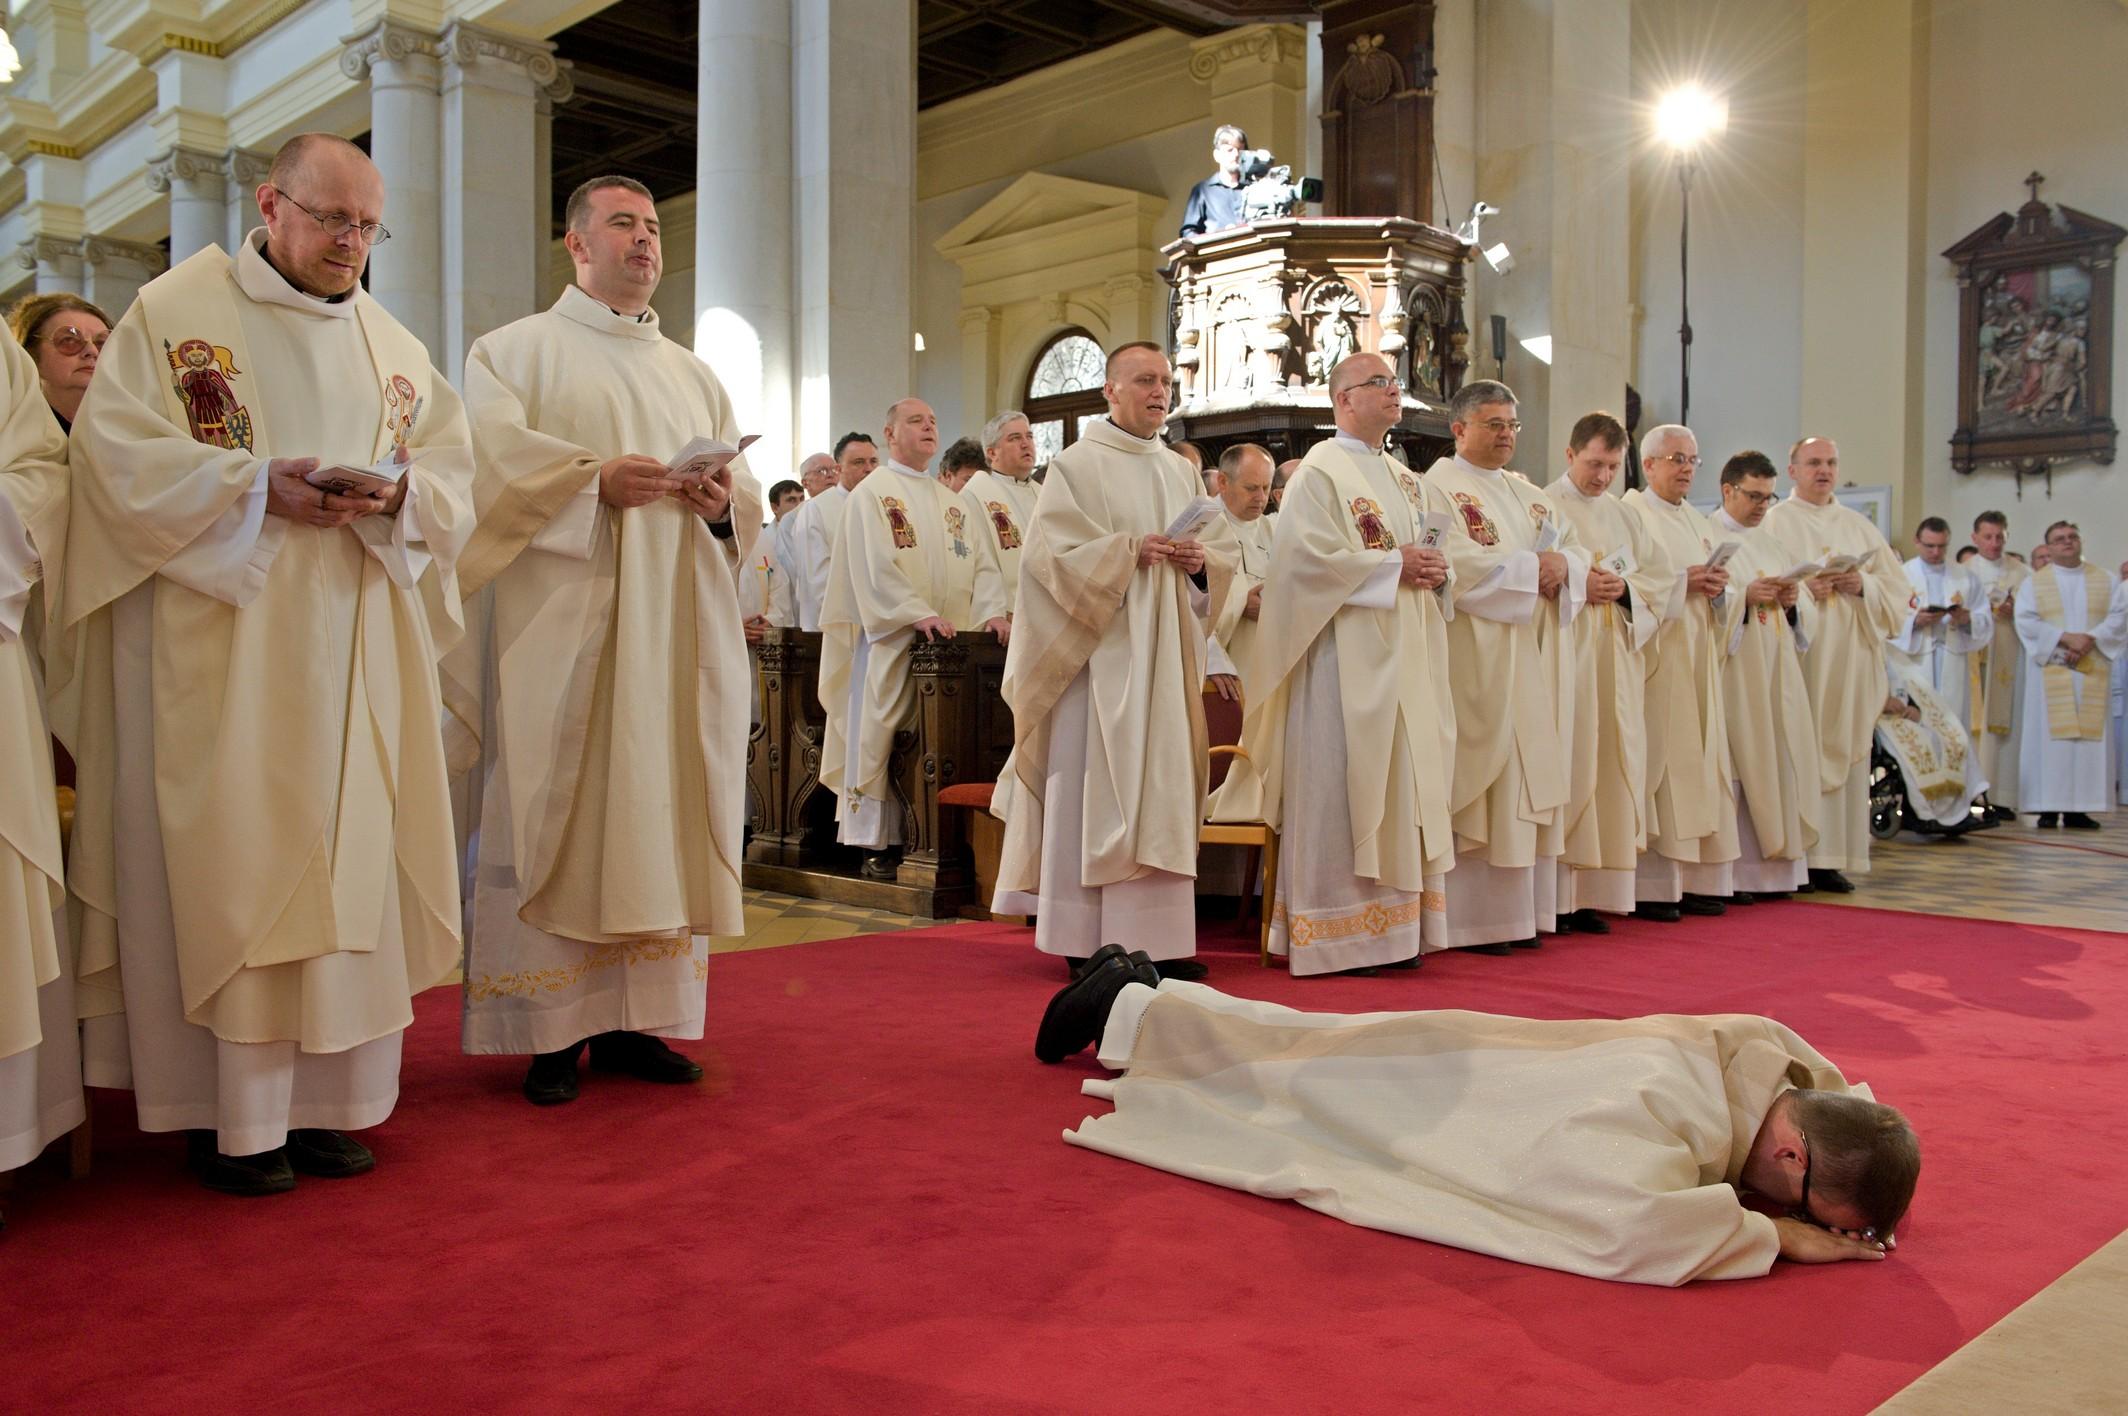 Svěcení-pomocného-biskupa03